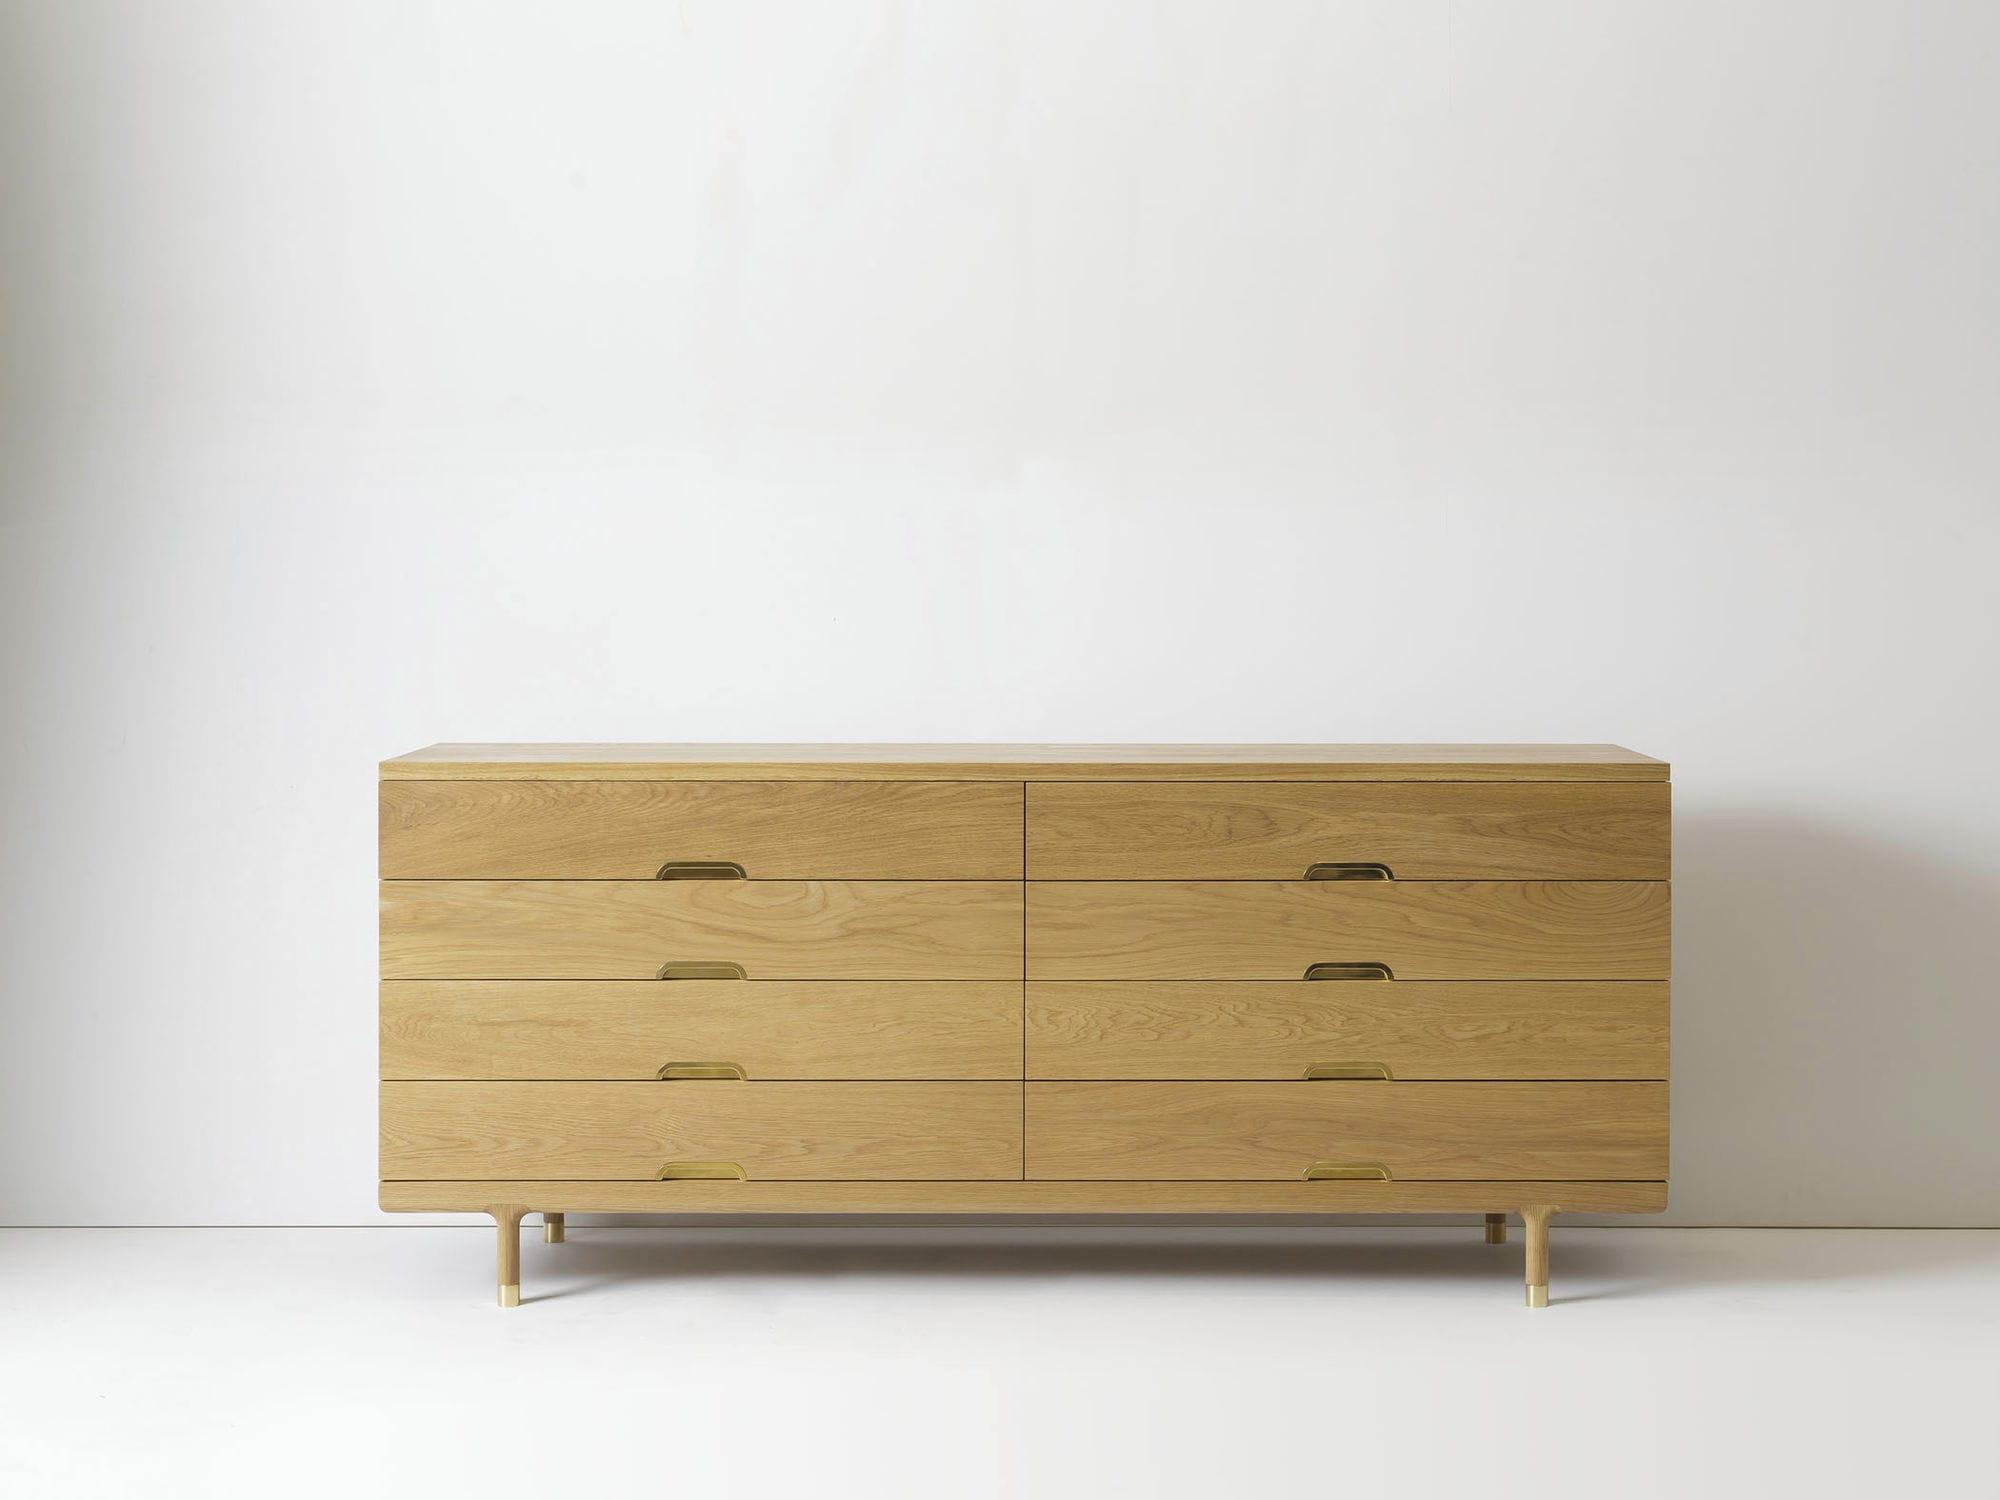 Moderne Kommode / Esche / für Kinder - SIMPLE - Kalon Studio